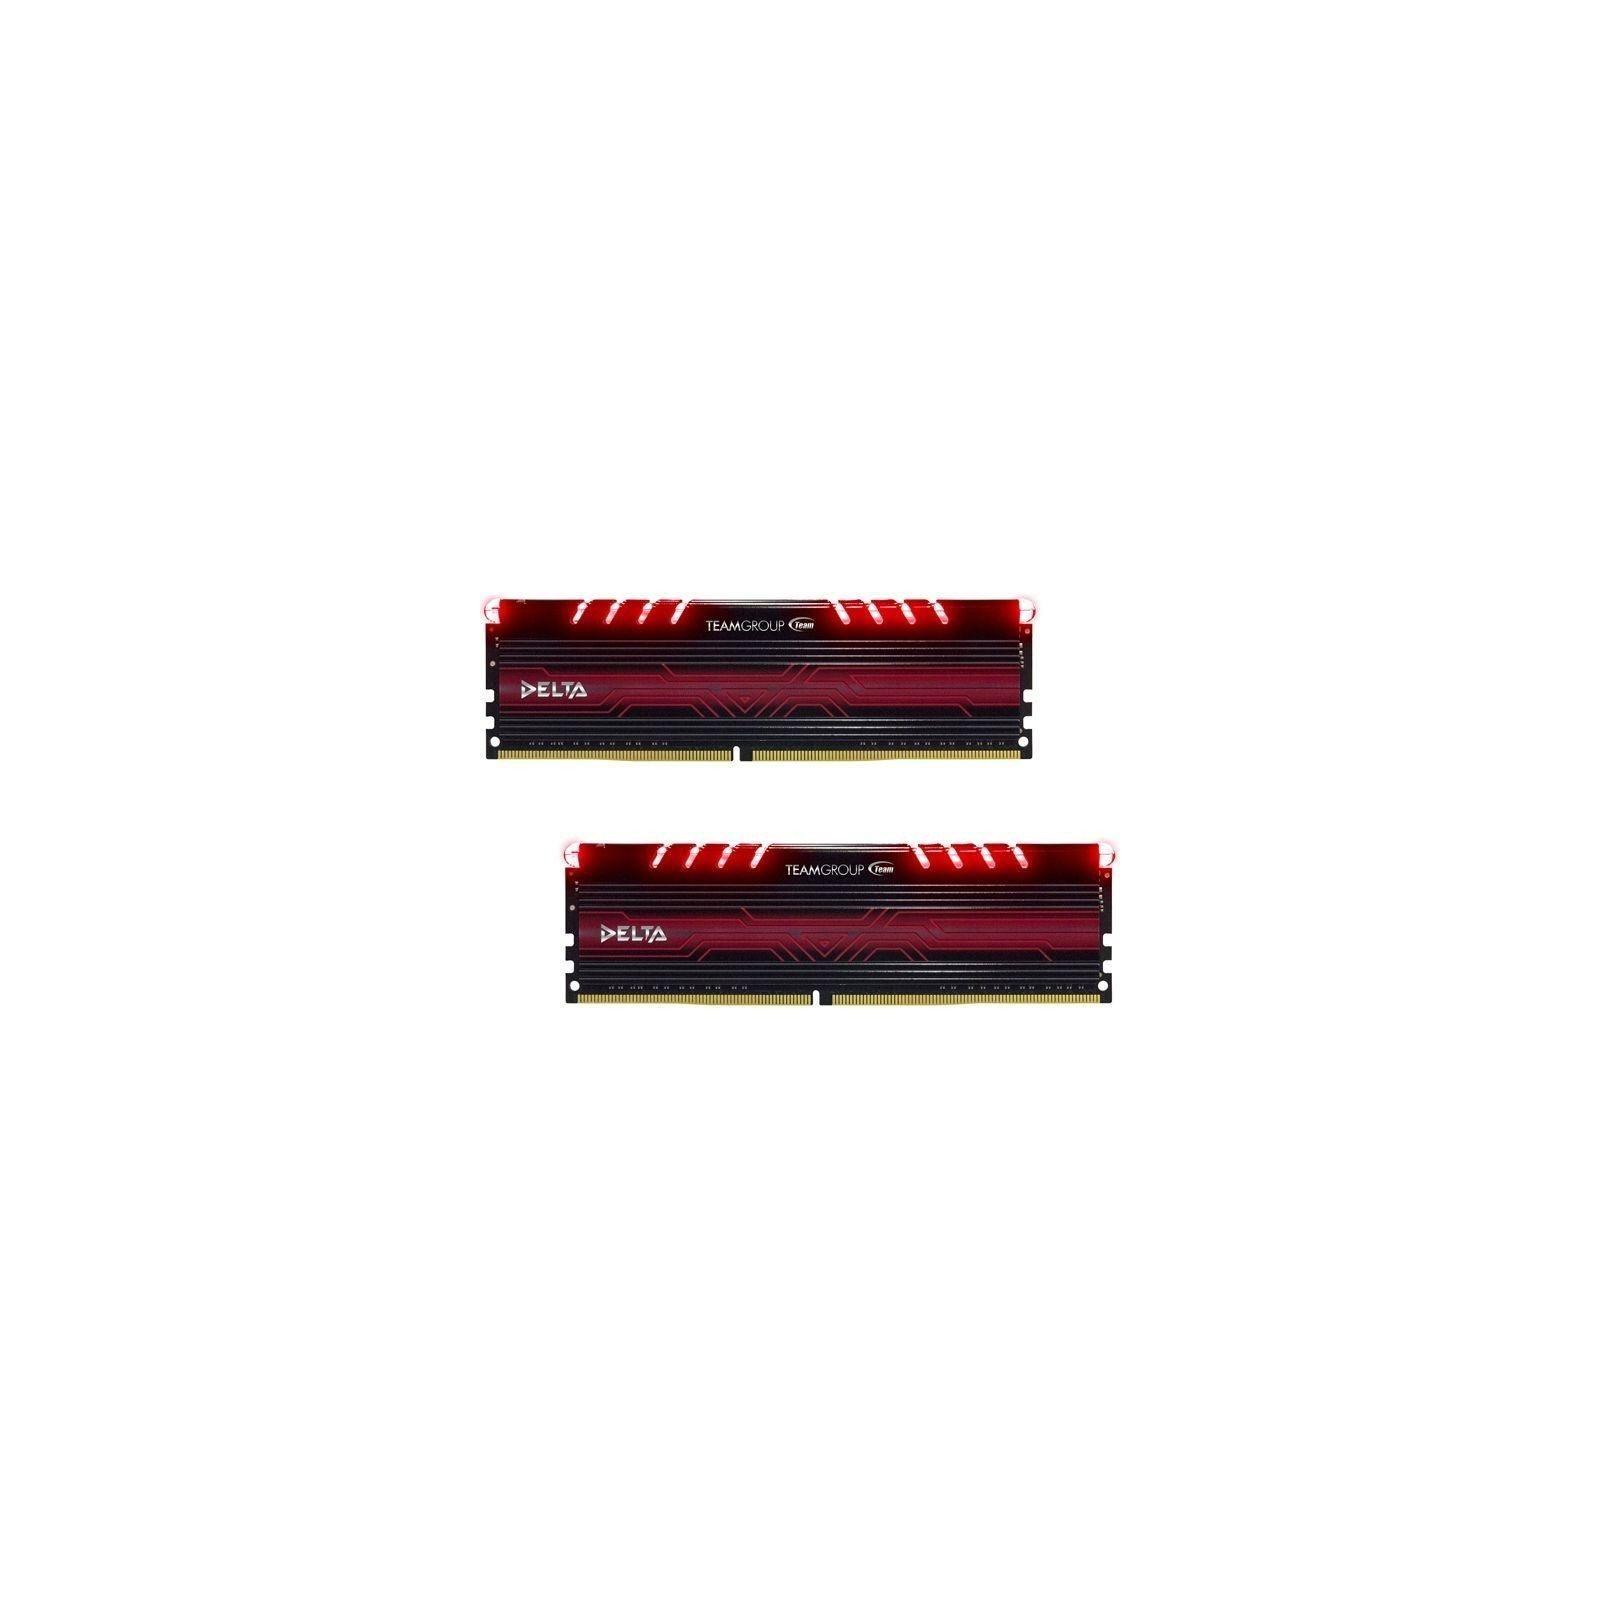 Модуль памяти для компьютера DDR4 8GB (2x4GB) 2400 MHz Delta Red LED Team (TDTRD48G2400HC15ADC01)